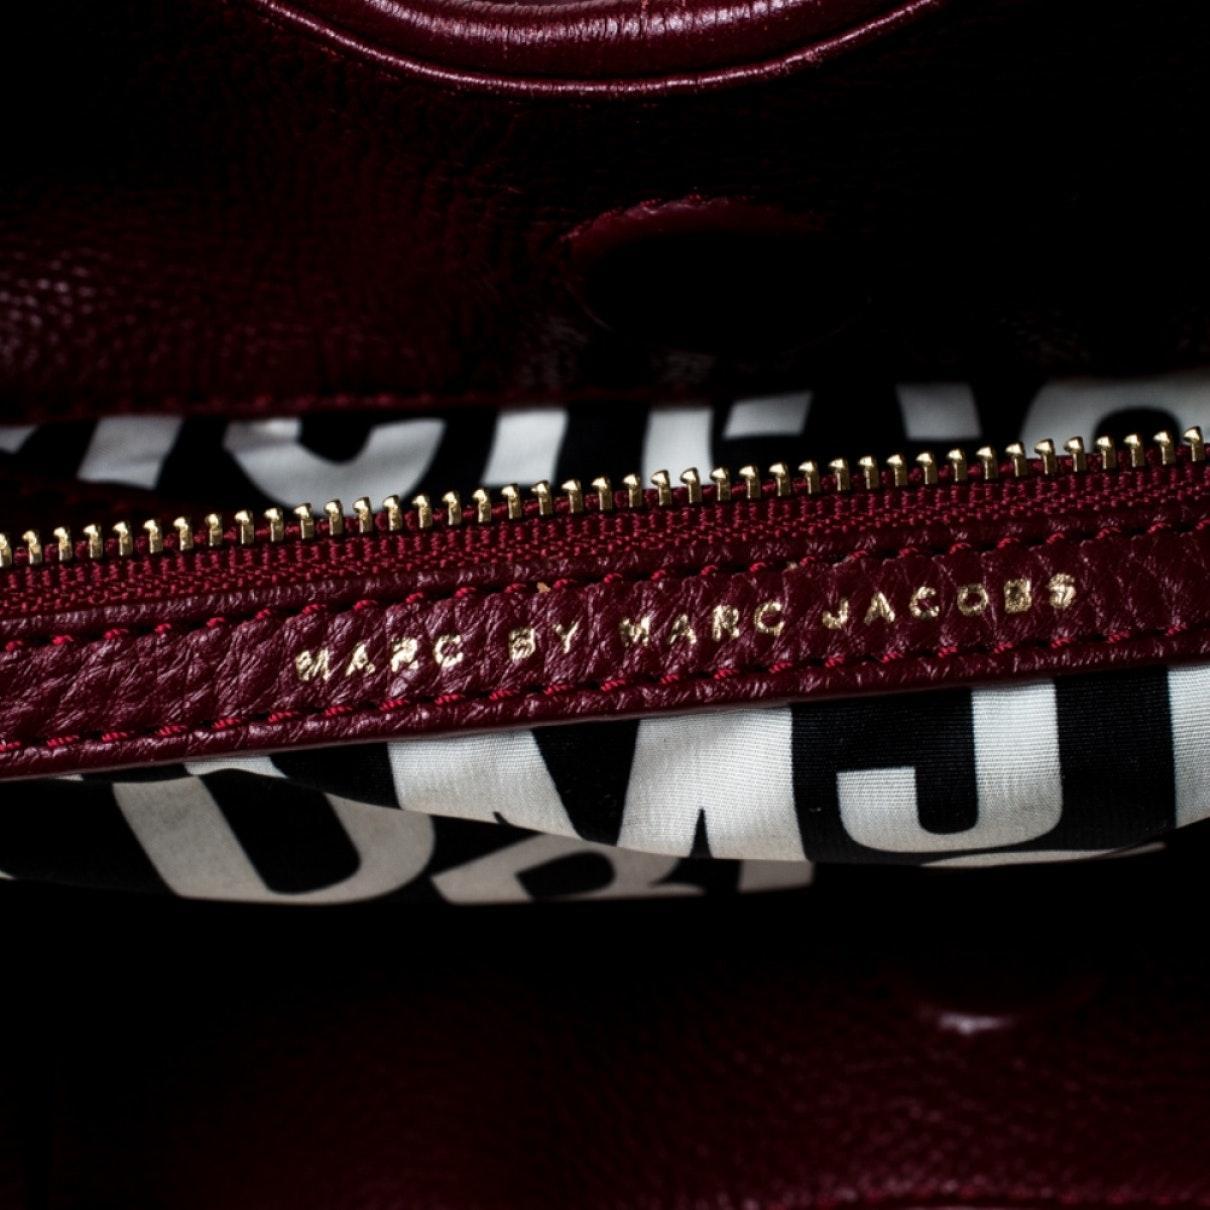 Sac à main en Cuir Bordeaux en Cuir Marc By Marc Jacobs V79p